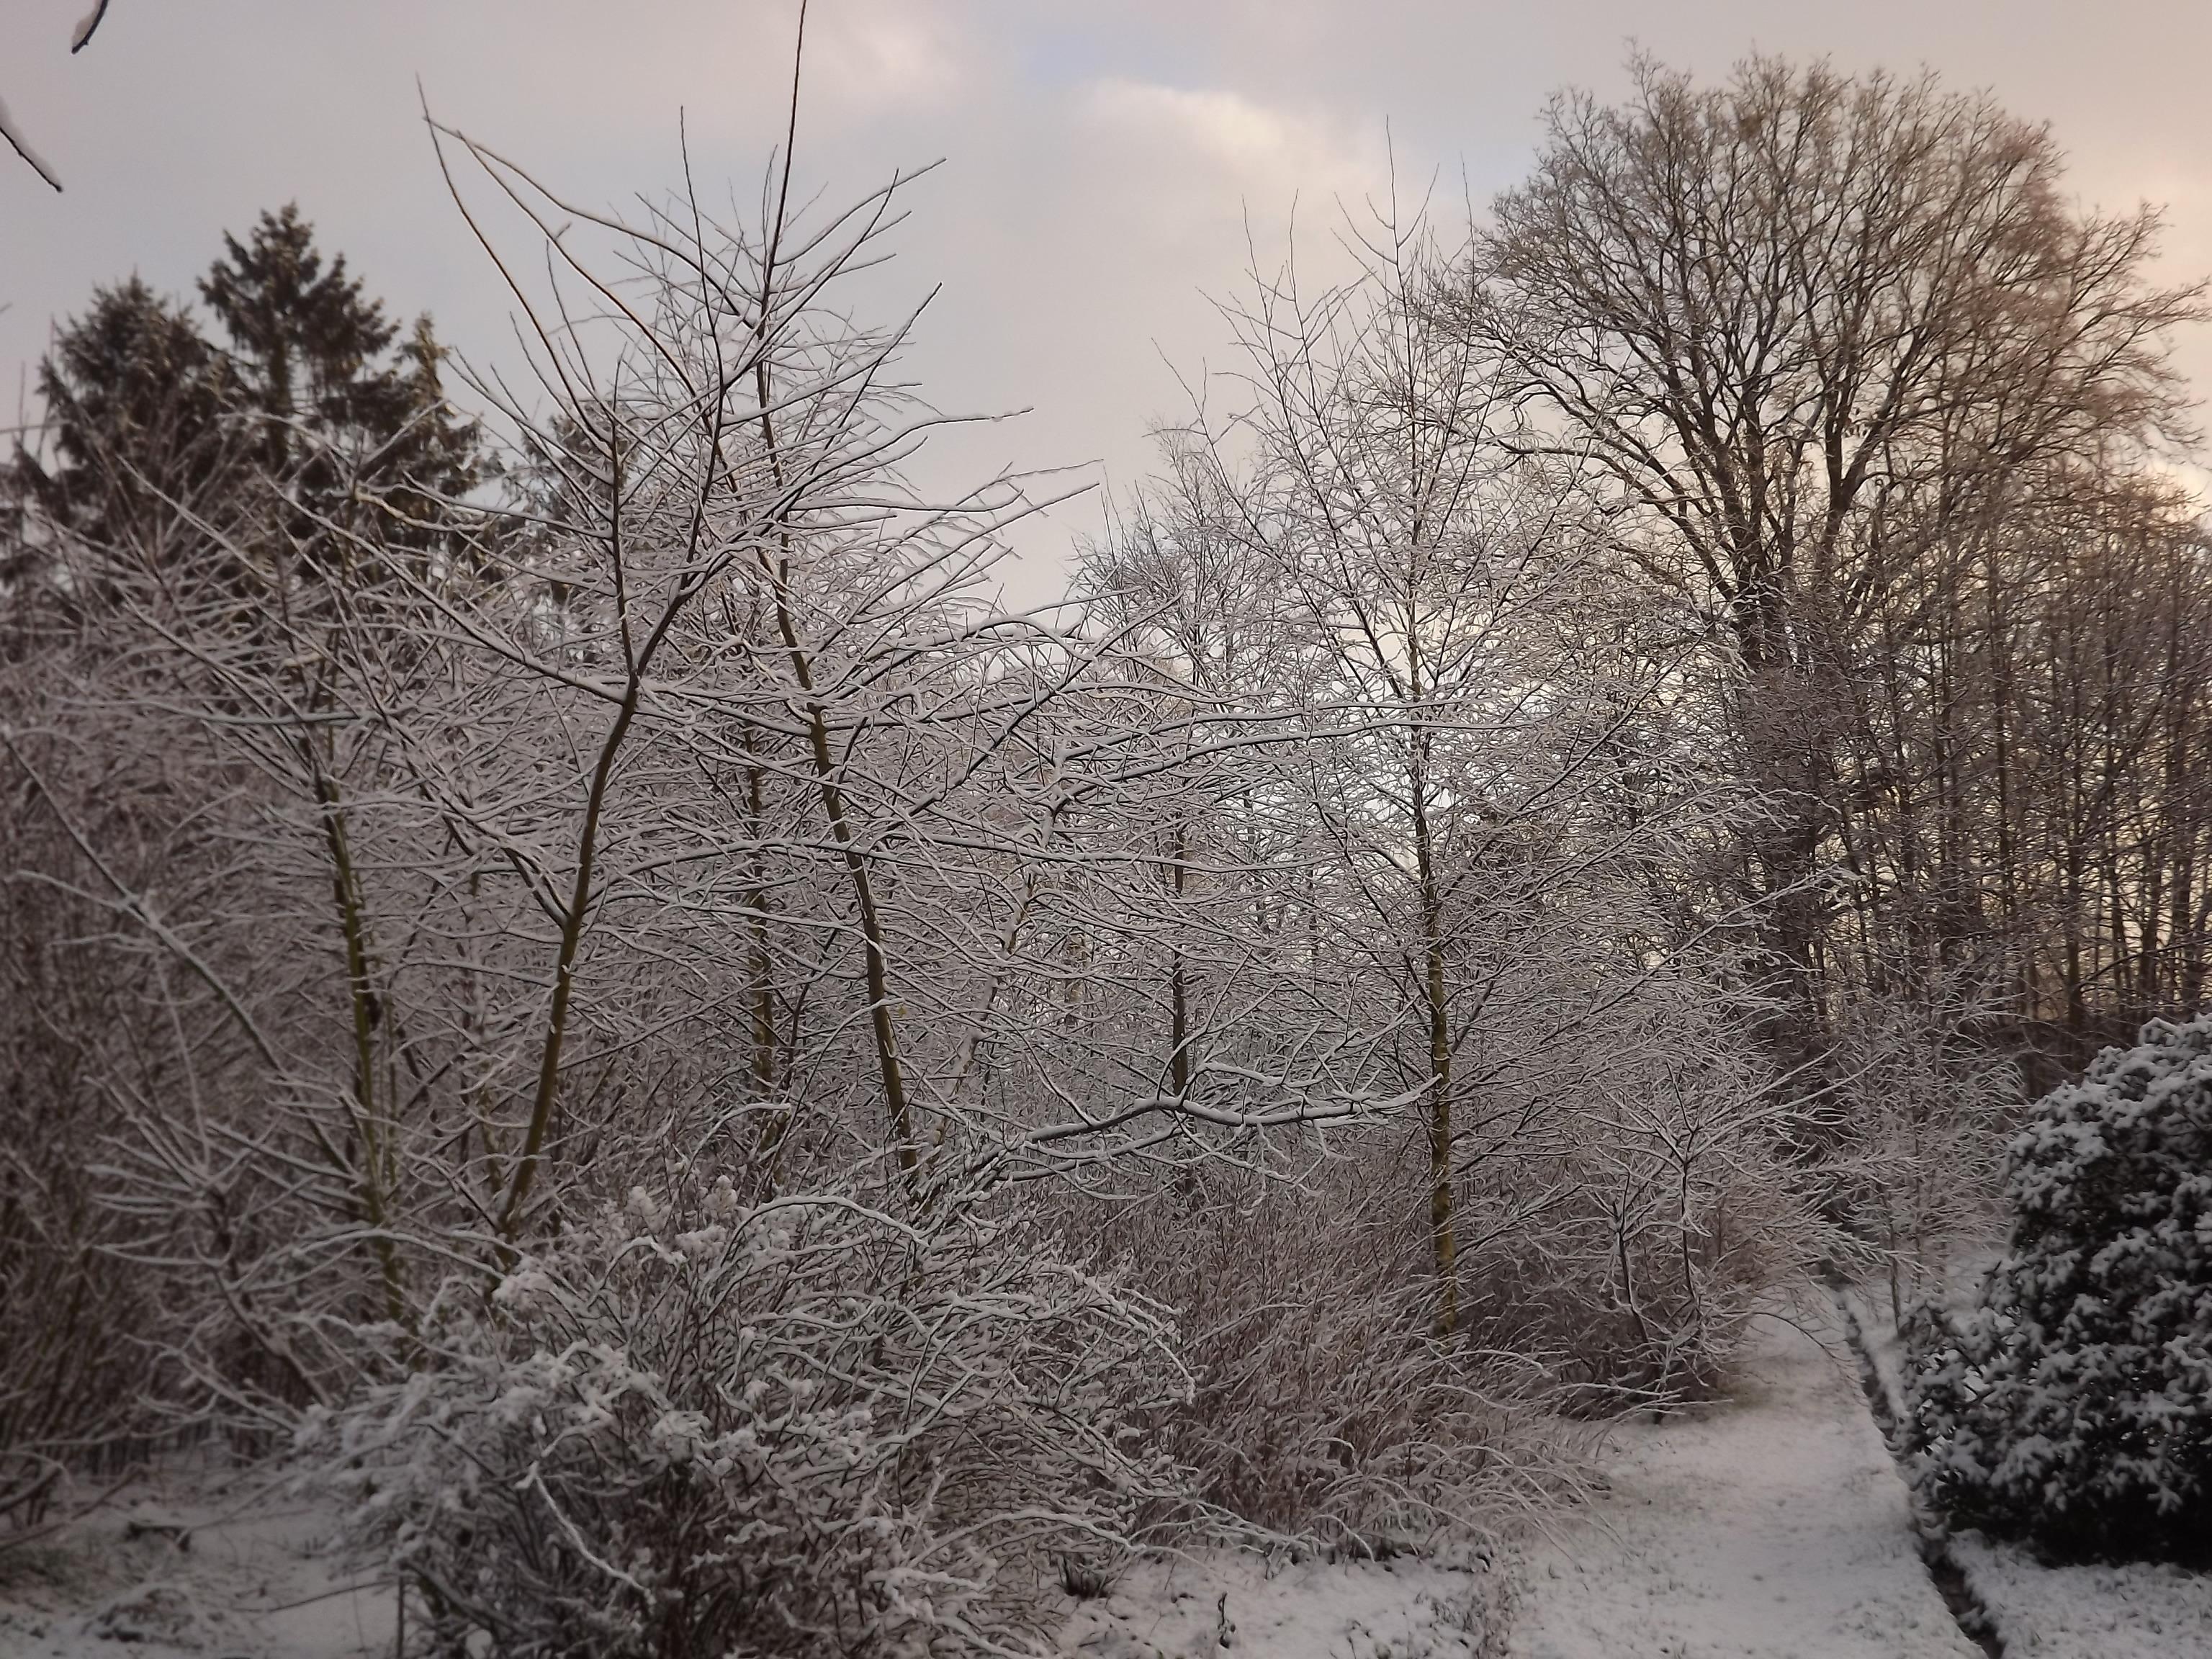 6885-verschneite-landschaft-morgenlicht